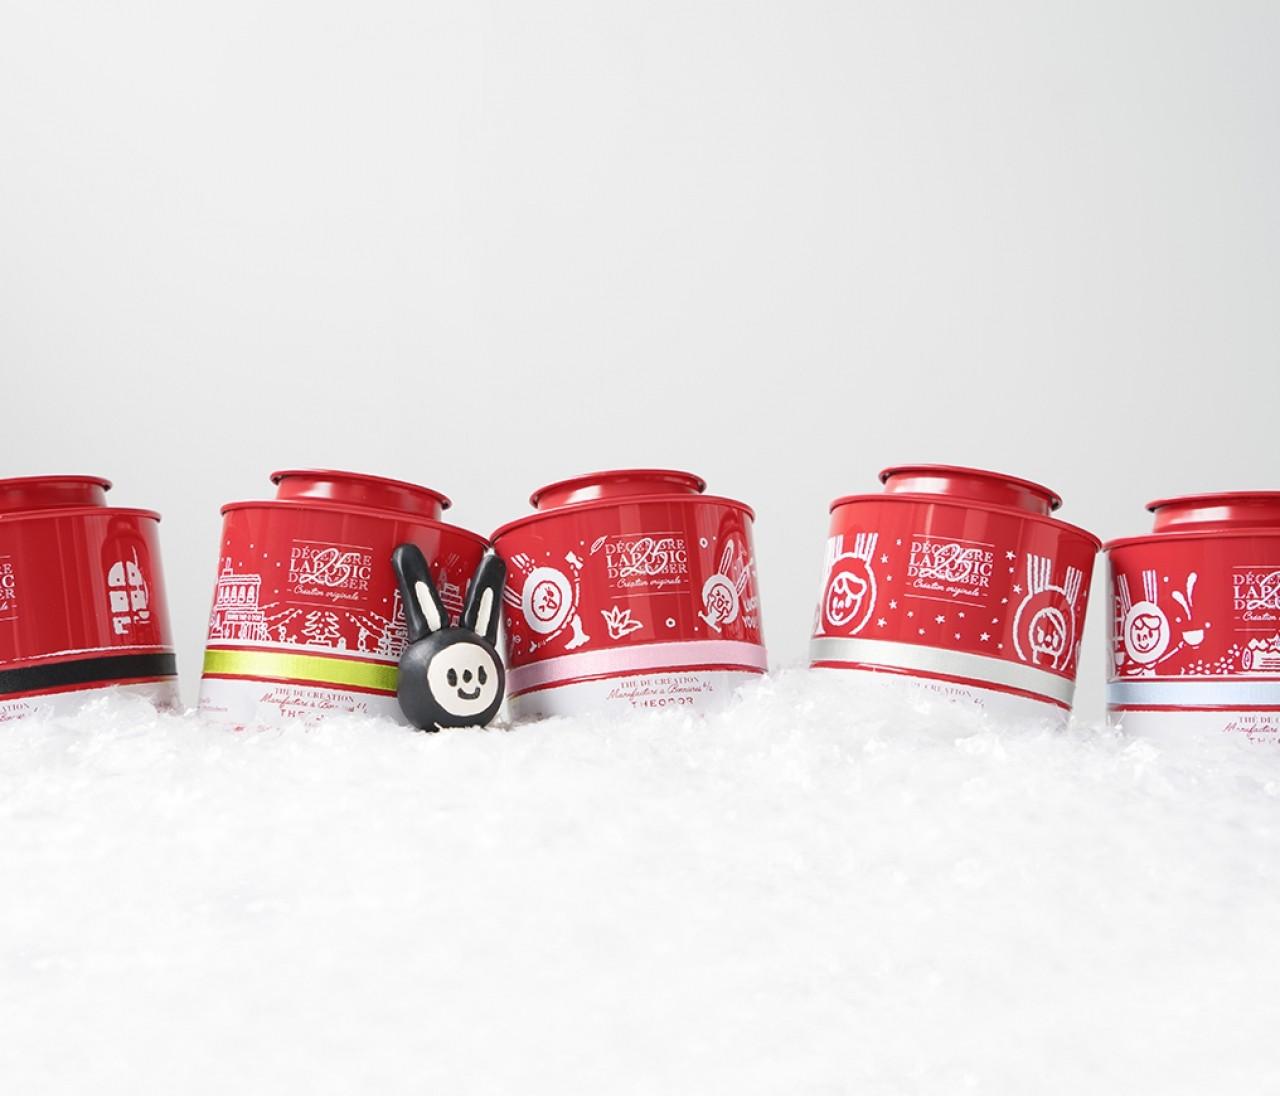 イケメンコラボ♡ 心温まる紅茶のクリスマス限定ギフト